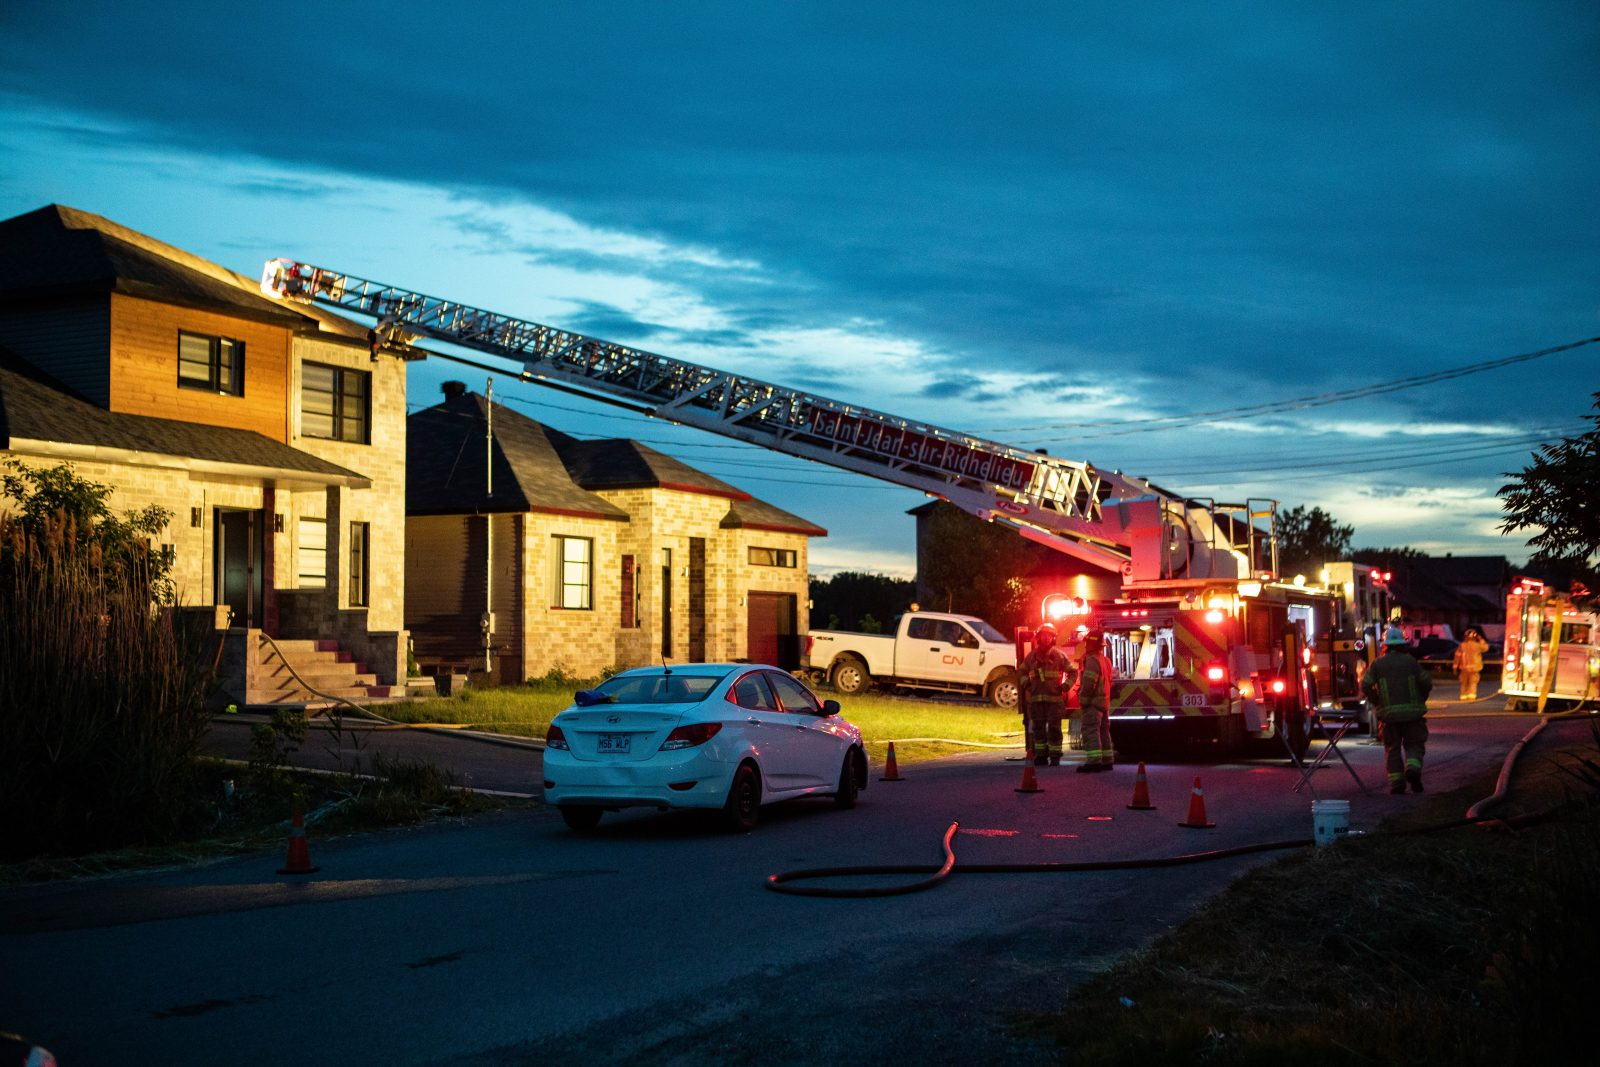 Des feux d'artifice enflamment une toiture